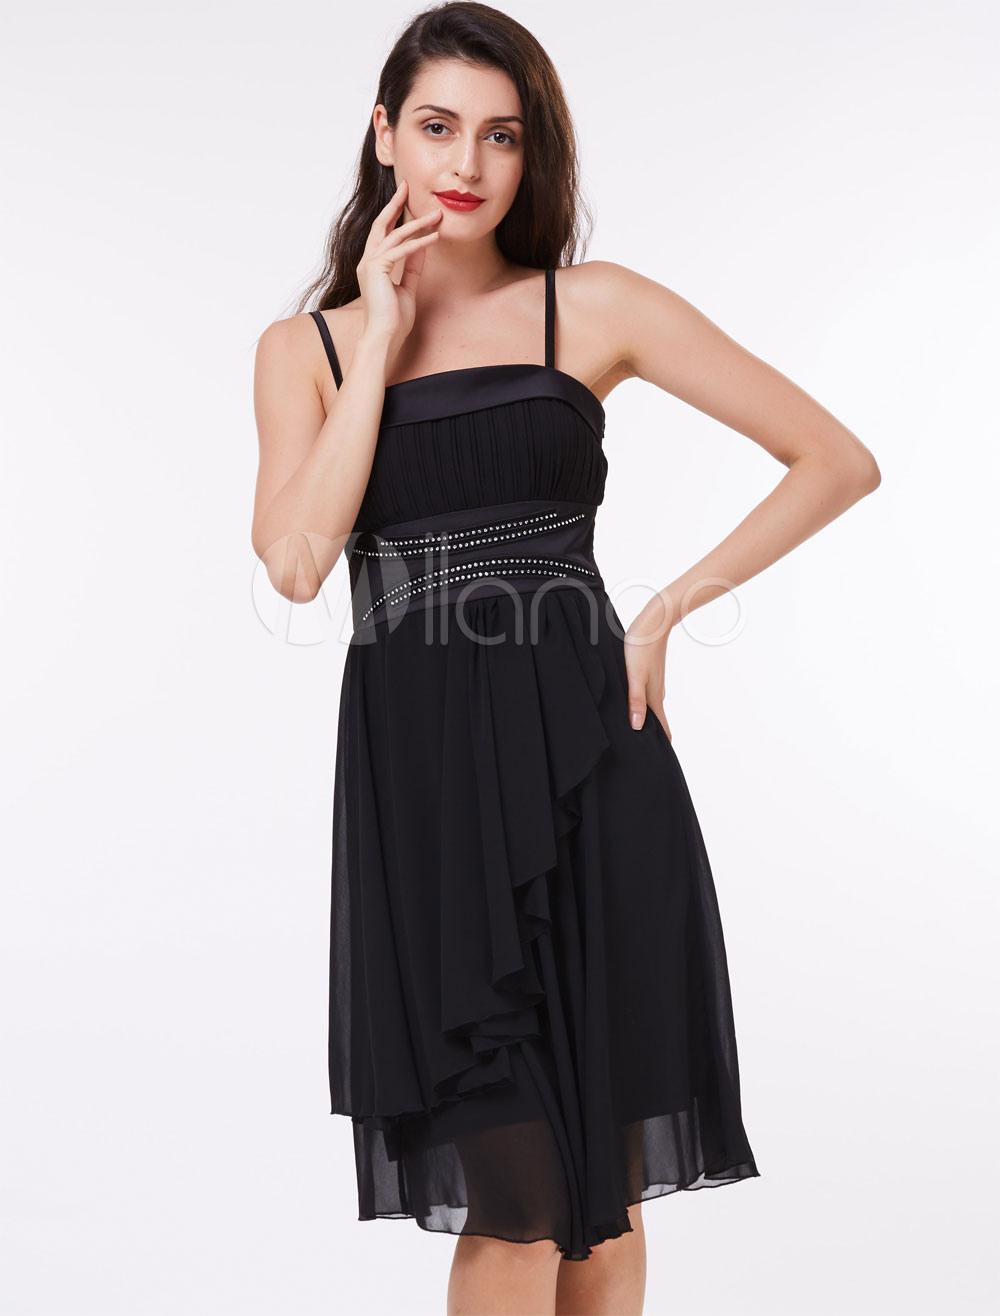 Abend Luxurius Schwarzes Kleid Kurz Stylish13 Einzigartig Schwarzes Kleid Kurz Boutique